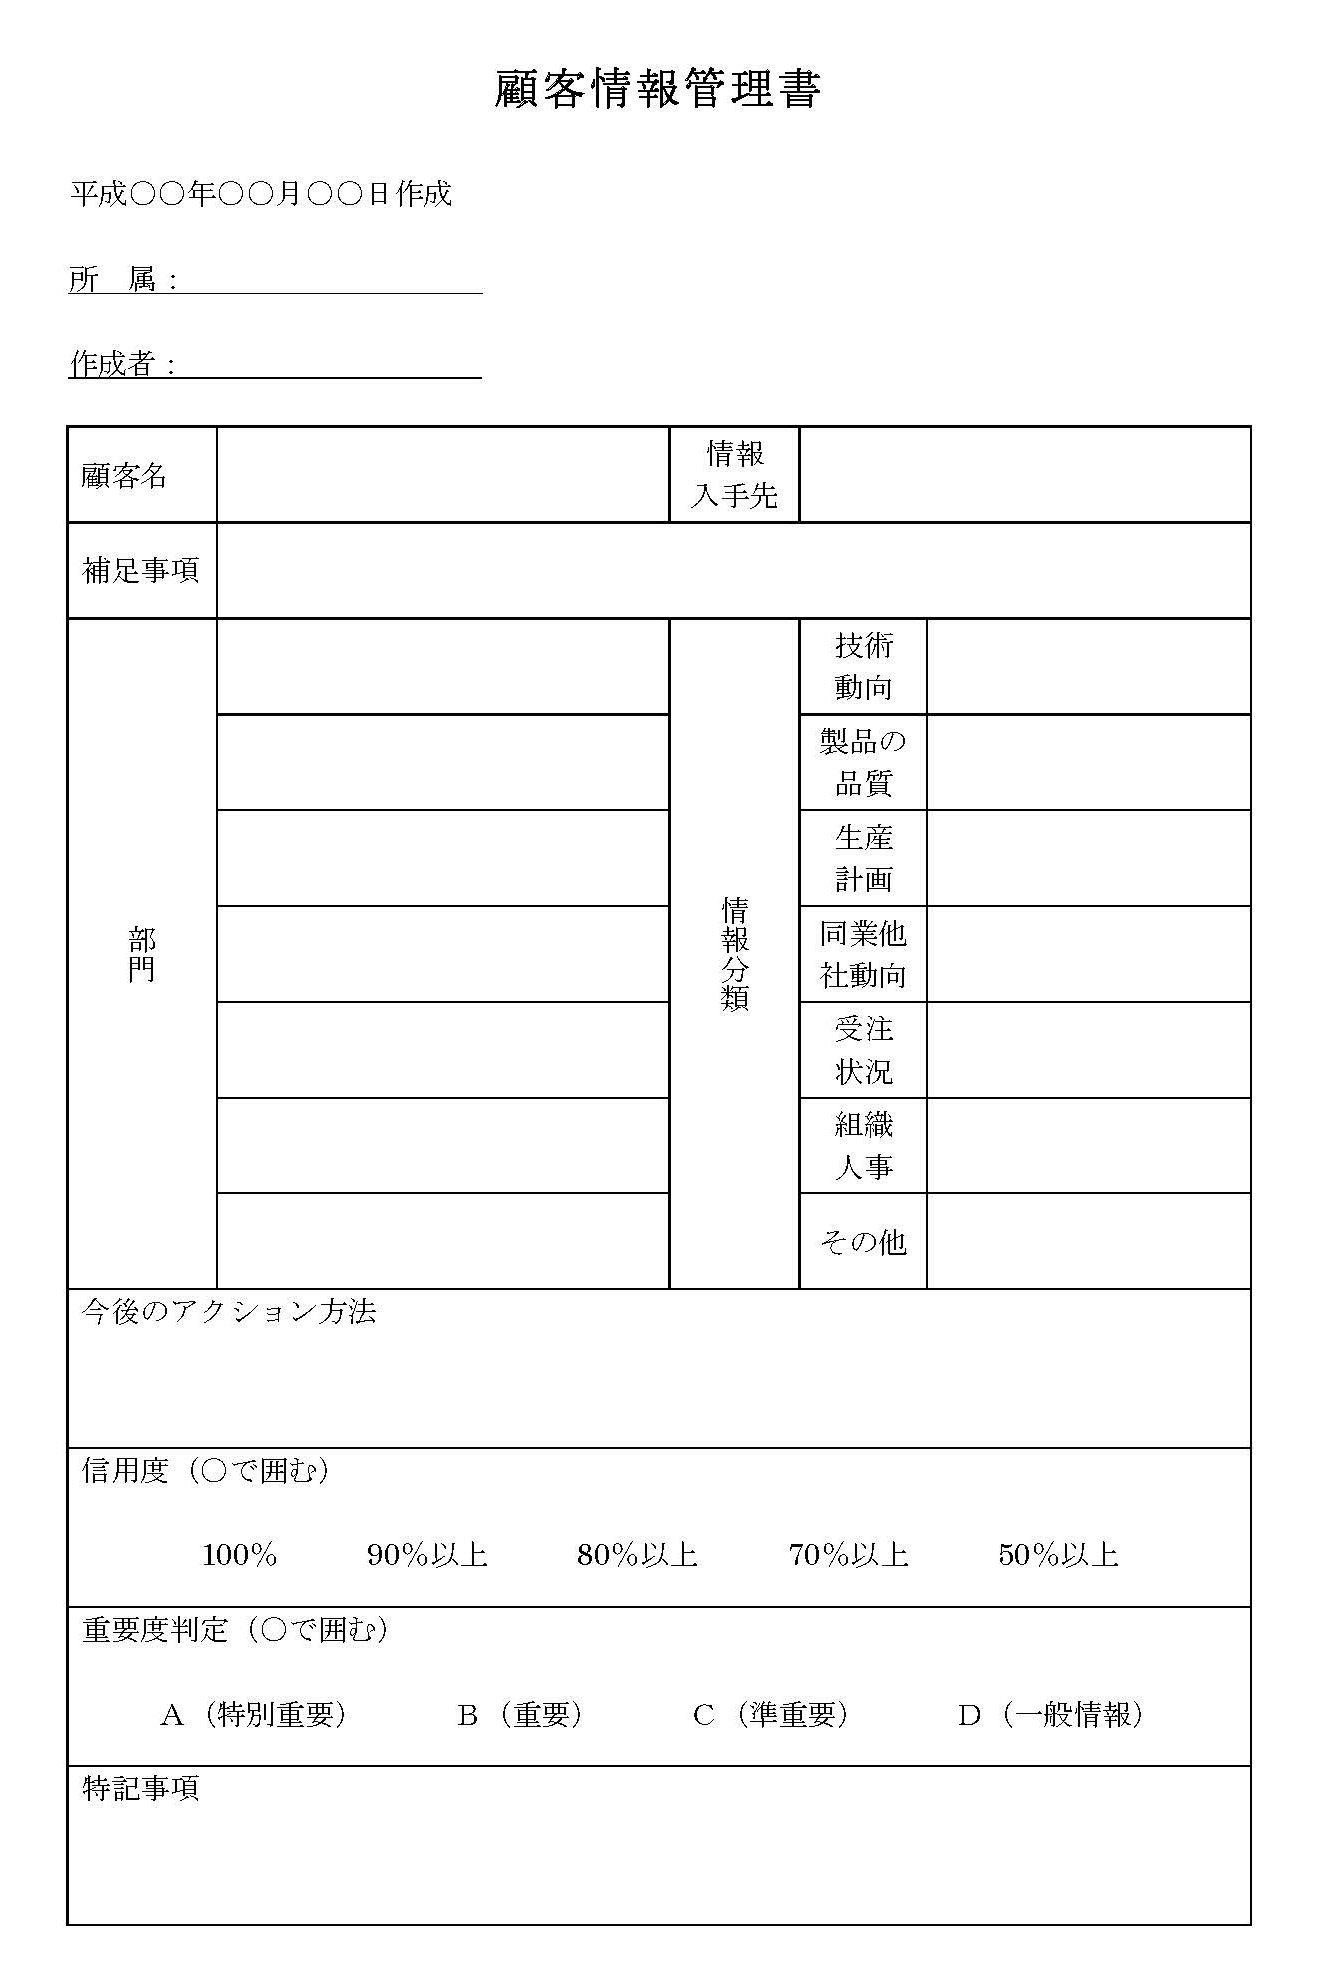 顧客情報管理書